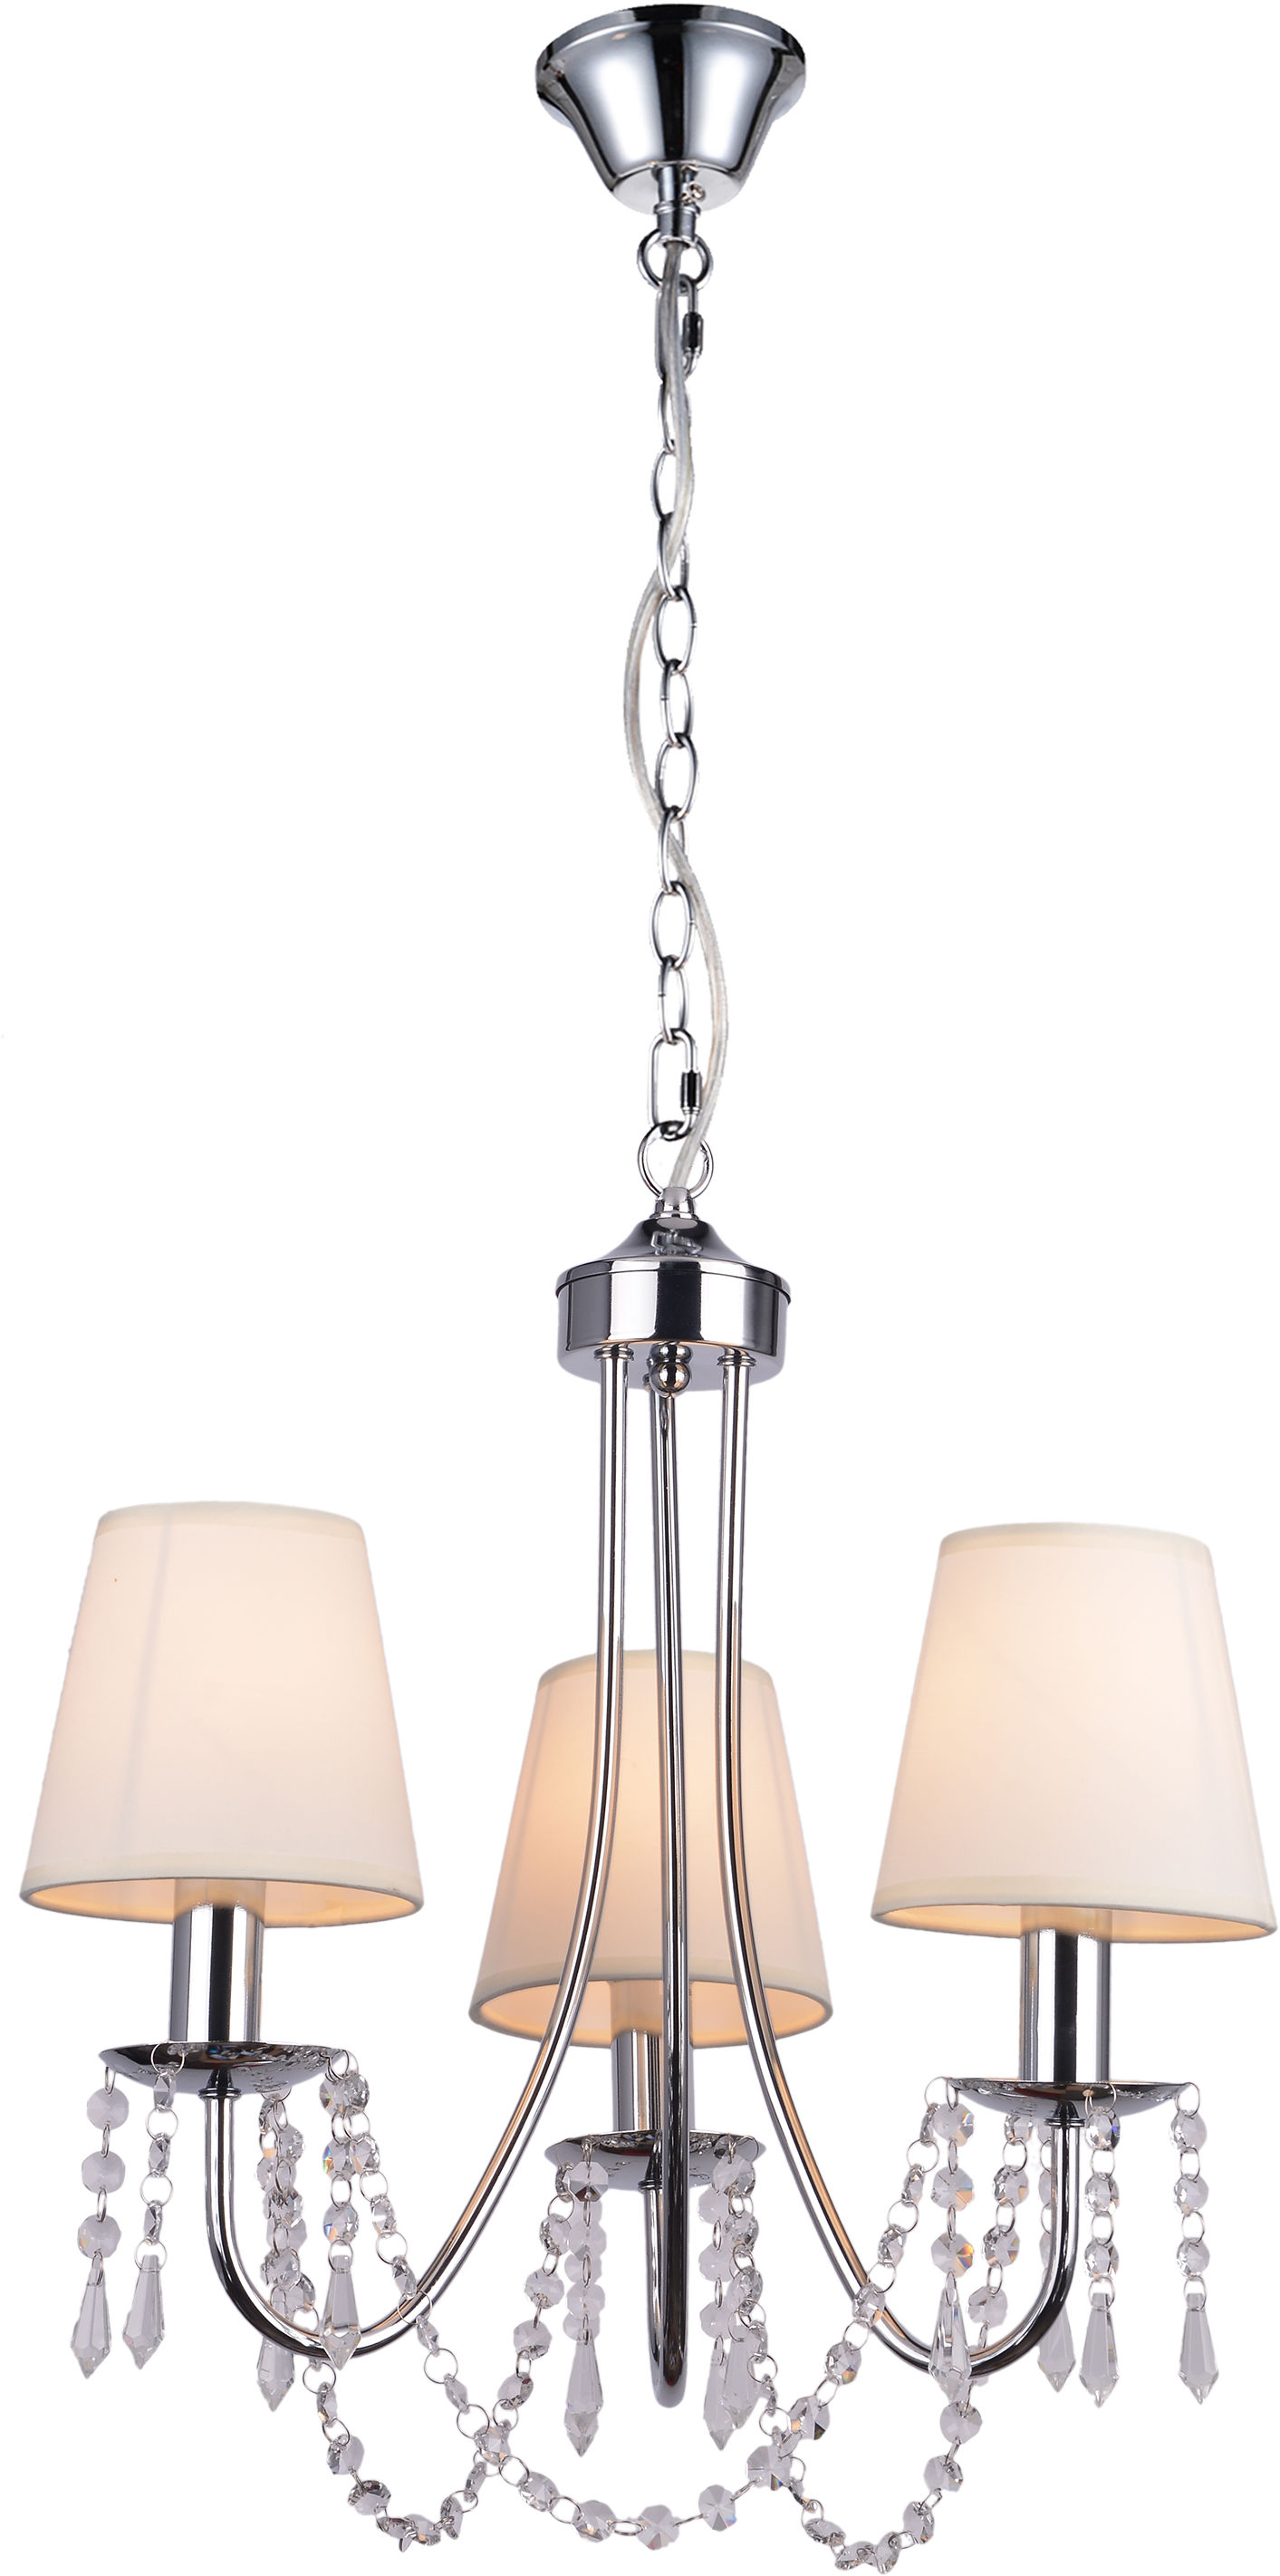 Candellux RUTI 33-58713 lampa wisząca abażur beżowy 3X40W E14 chrom kryształki 50cm